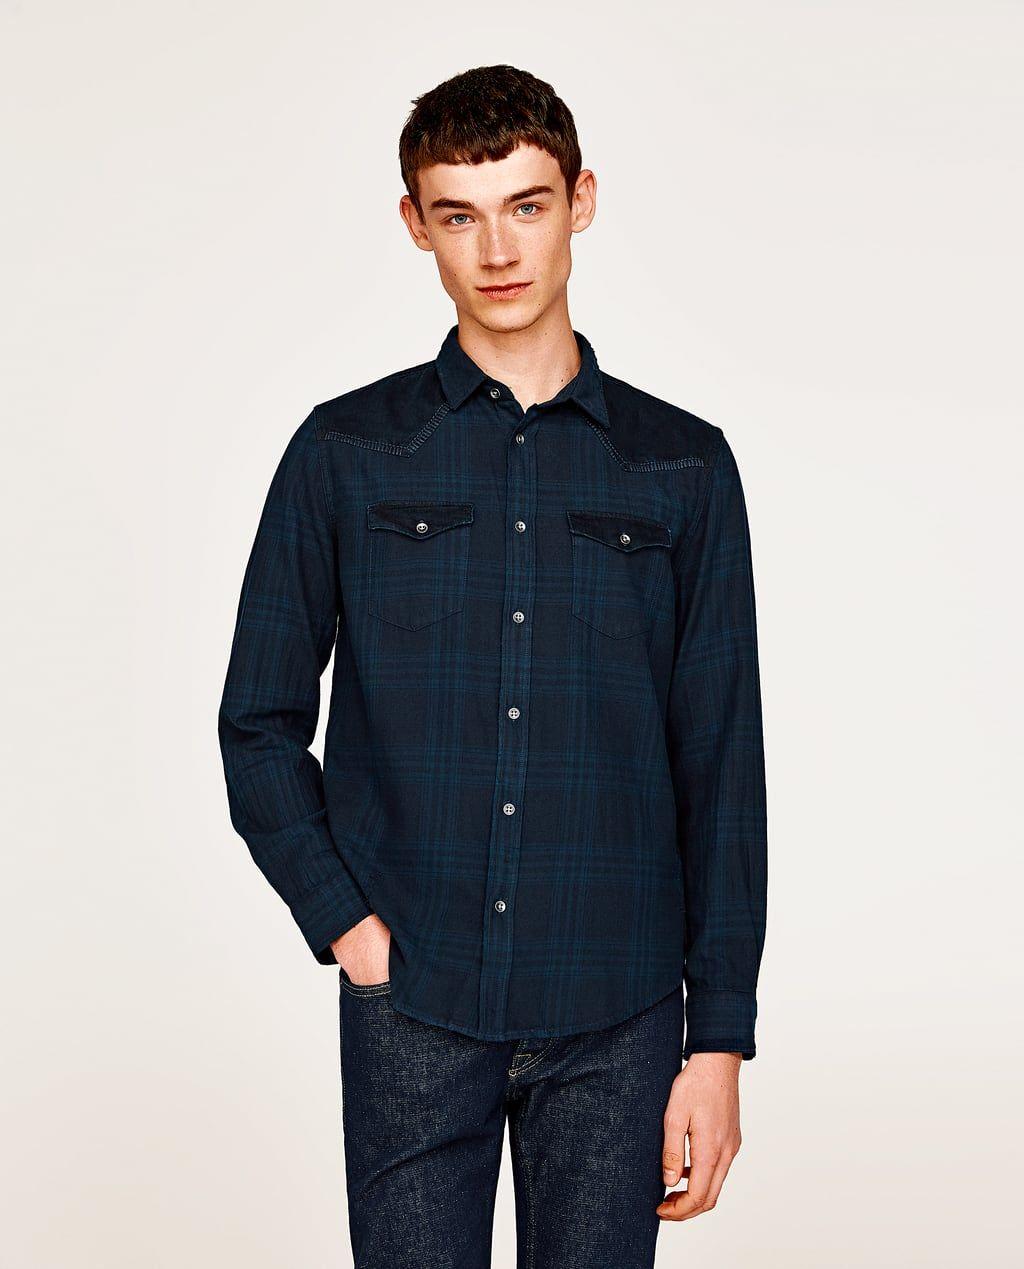 CAMISA DENIM COMBINADA | Camisas, Camisas denim y Camisas hombre